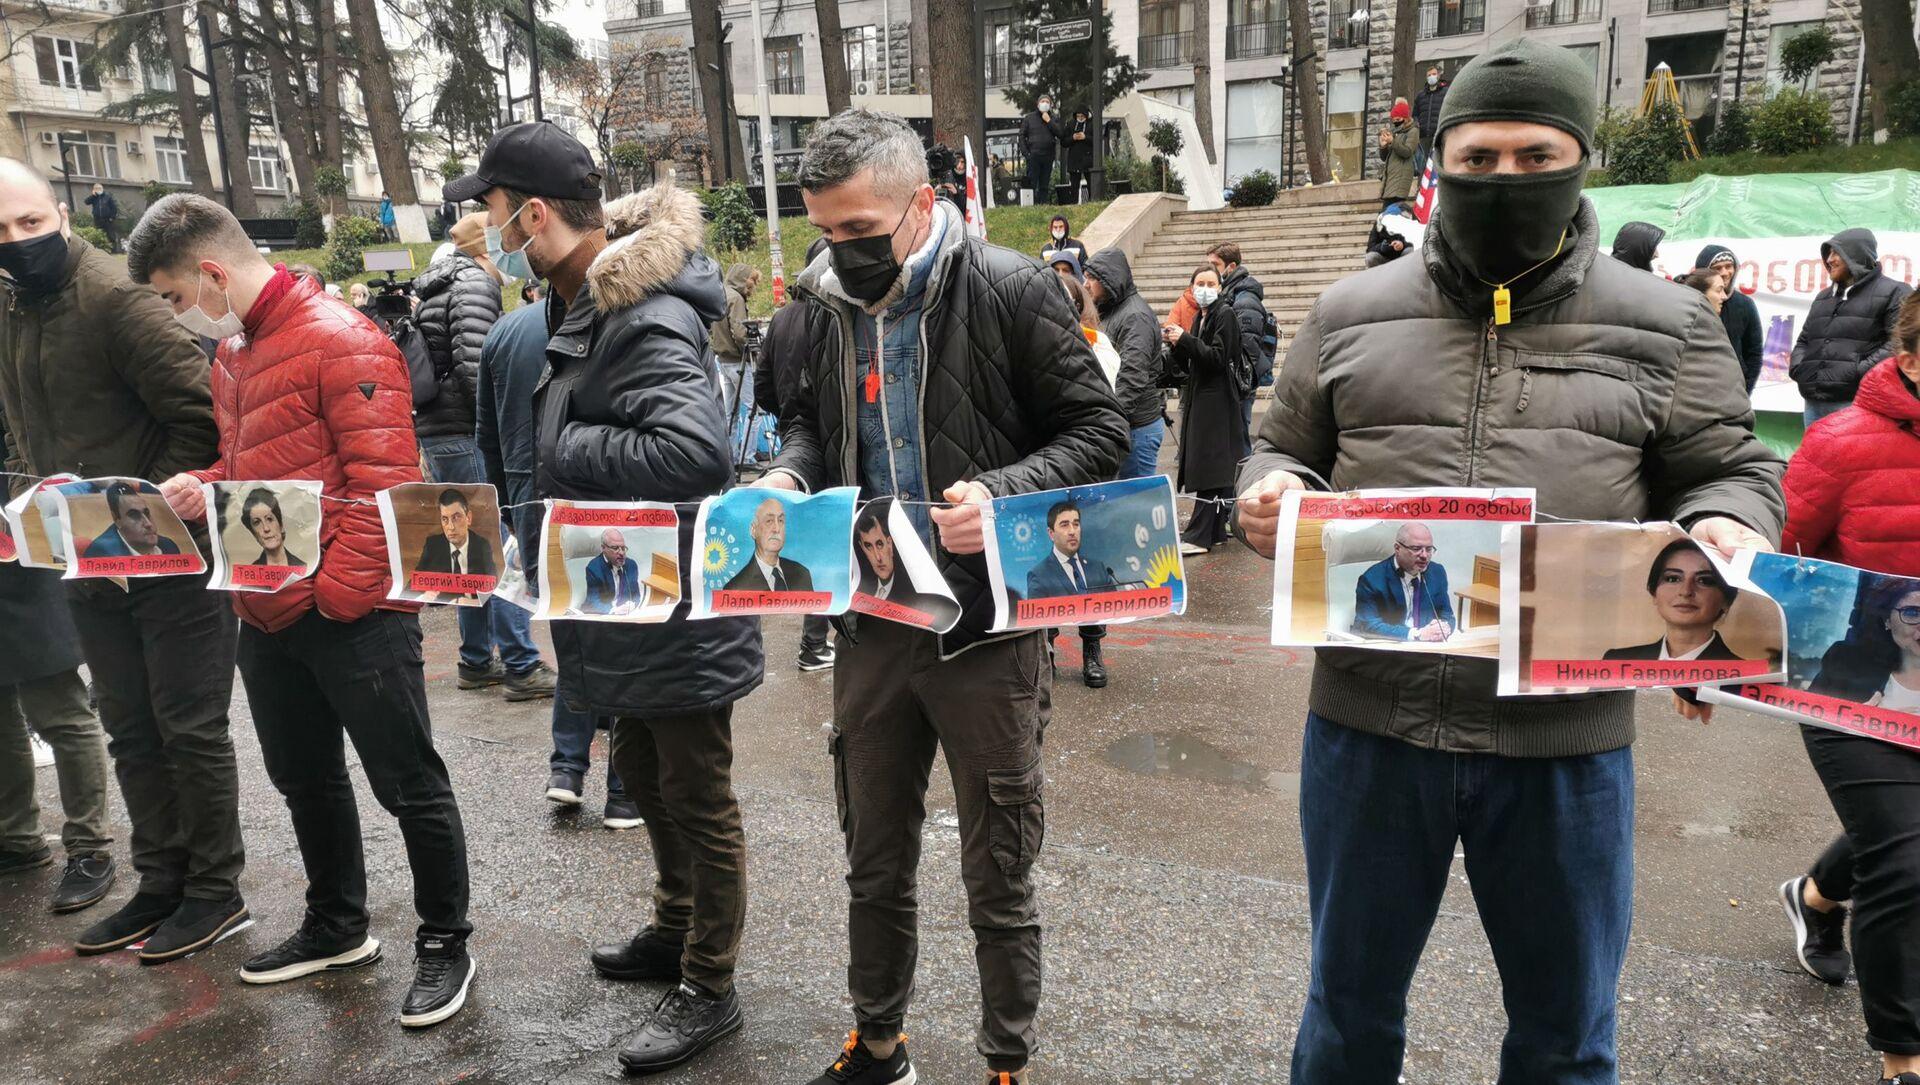 Акция-перформанс у здания парламента в связи с судебным процессом вокруг председателя Единого нацдвижения Ники Мелия - 16 февраля 2021 года - Sputnik Грузия, 1920, 16.02.2021